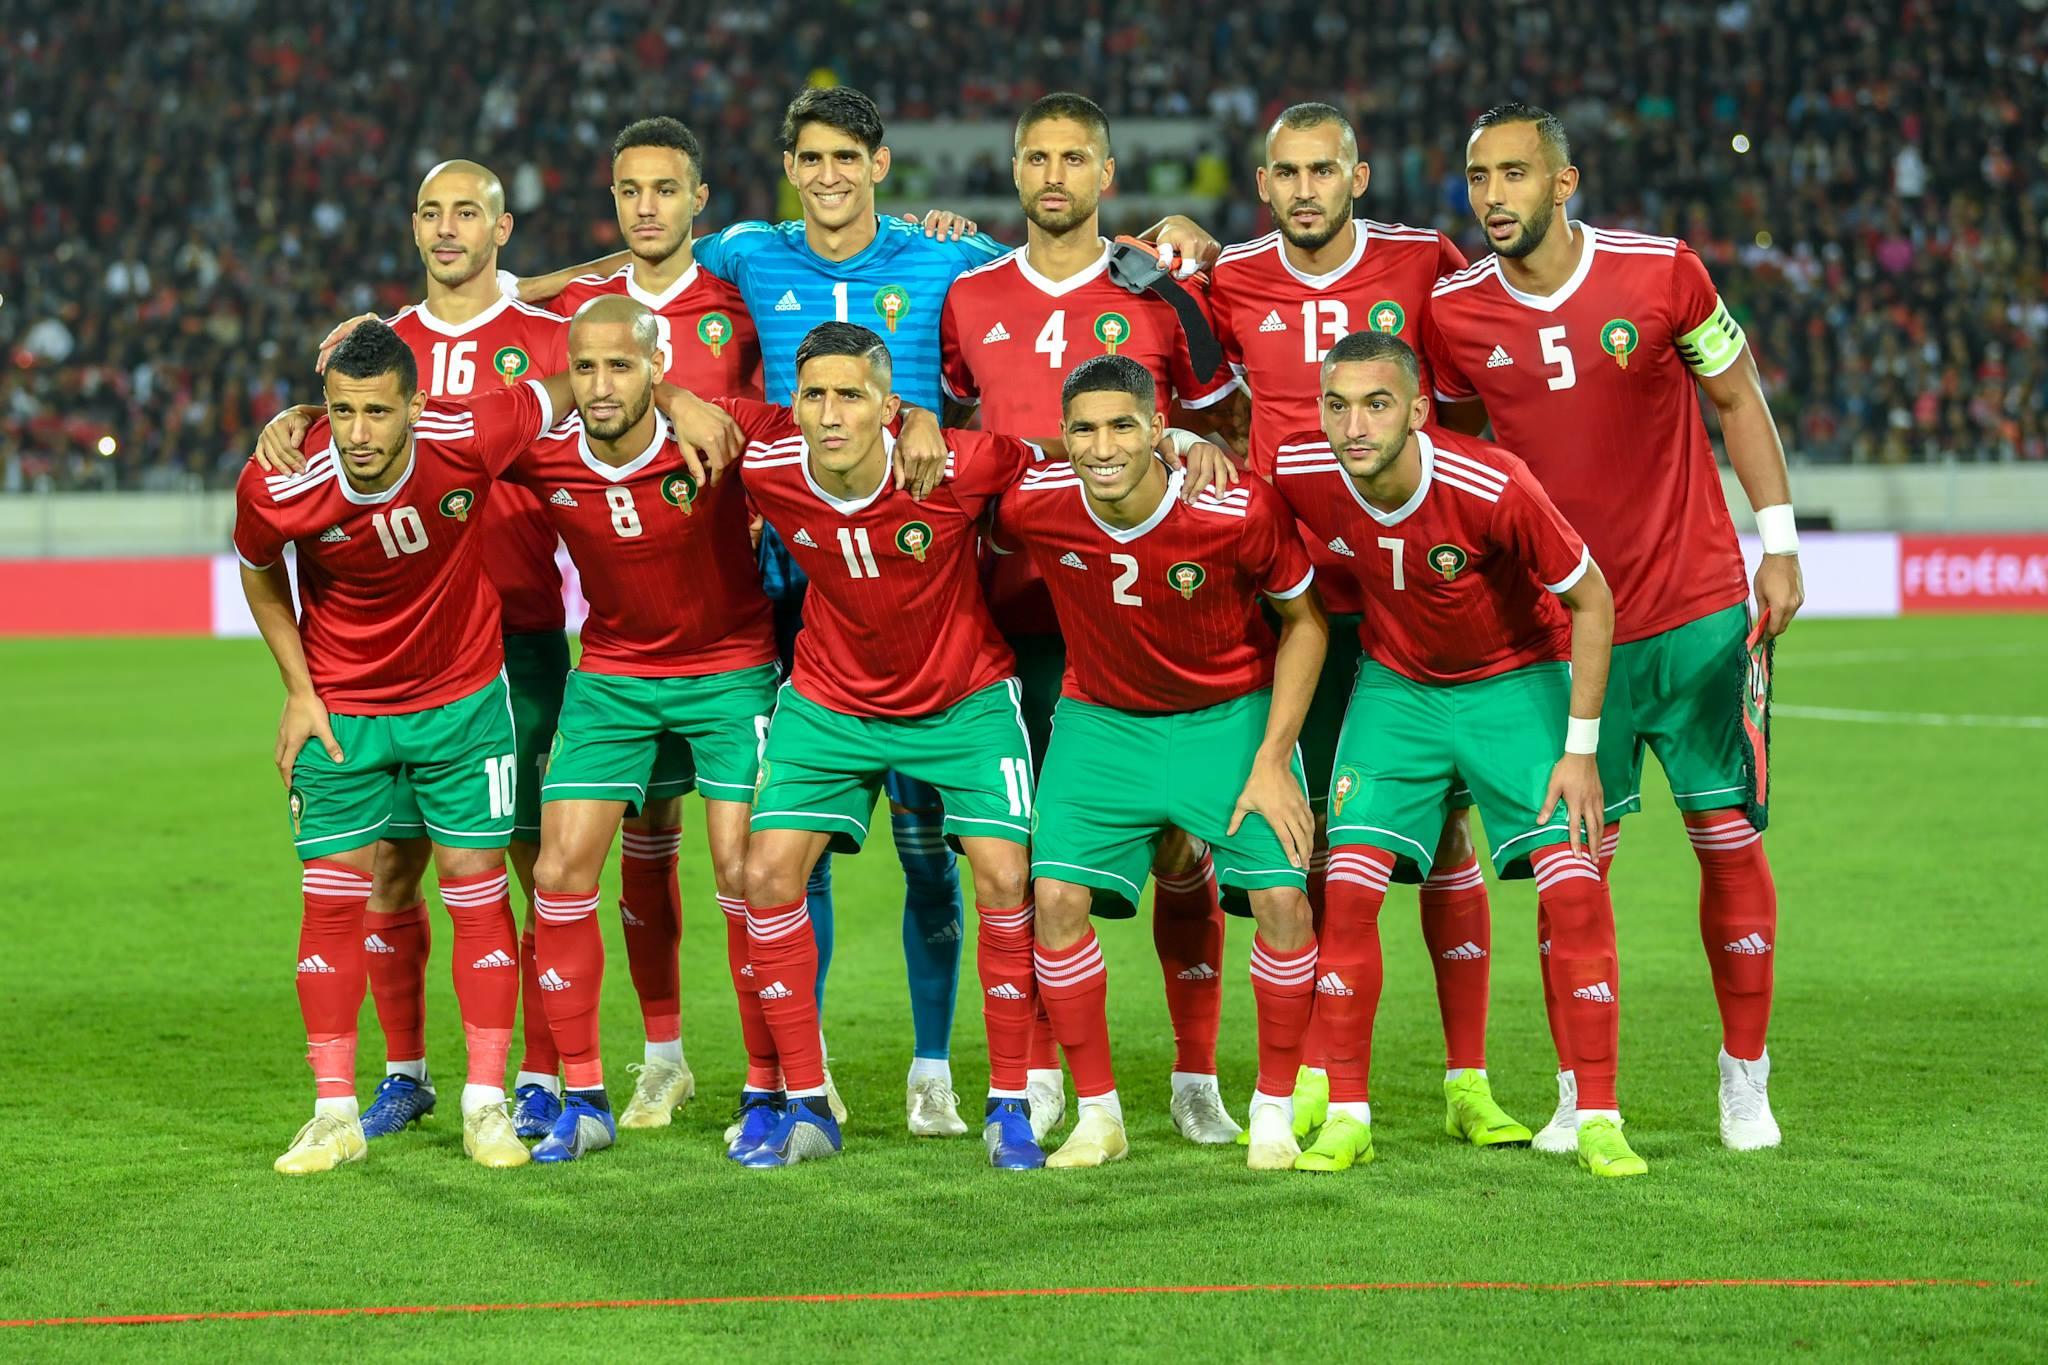 Classement FIFA : le Maroc perd 3 places et occupe le 43è rang mondial